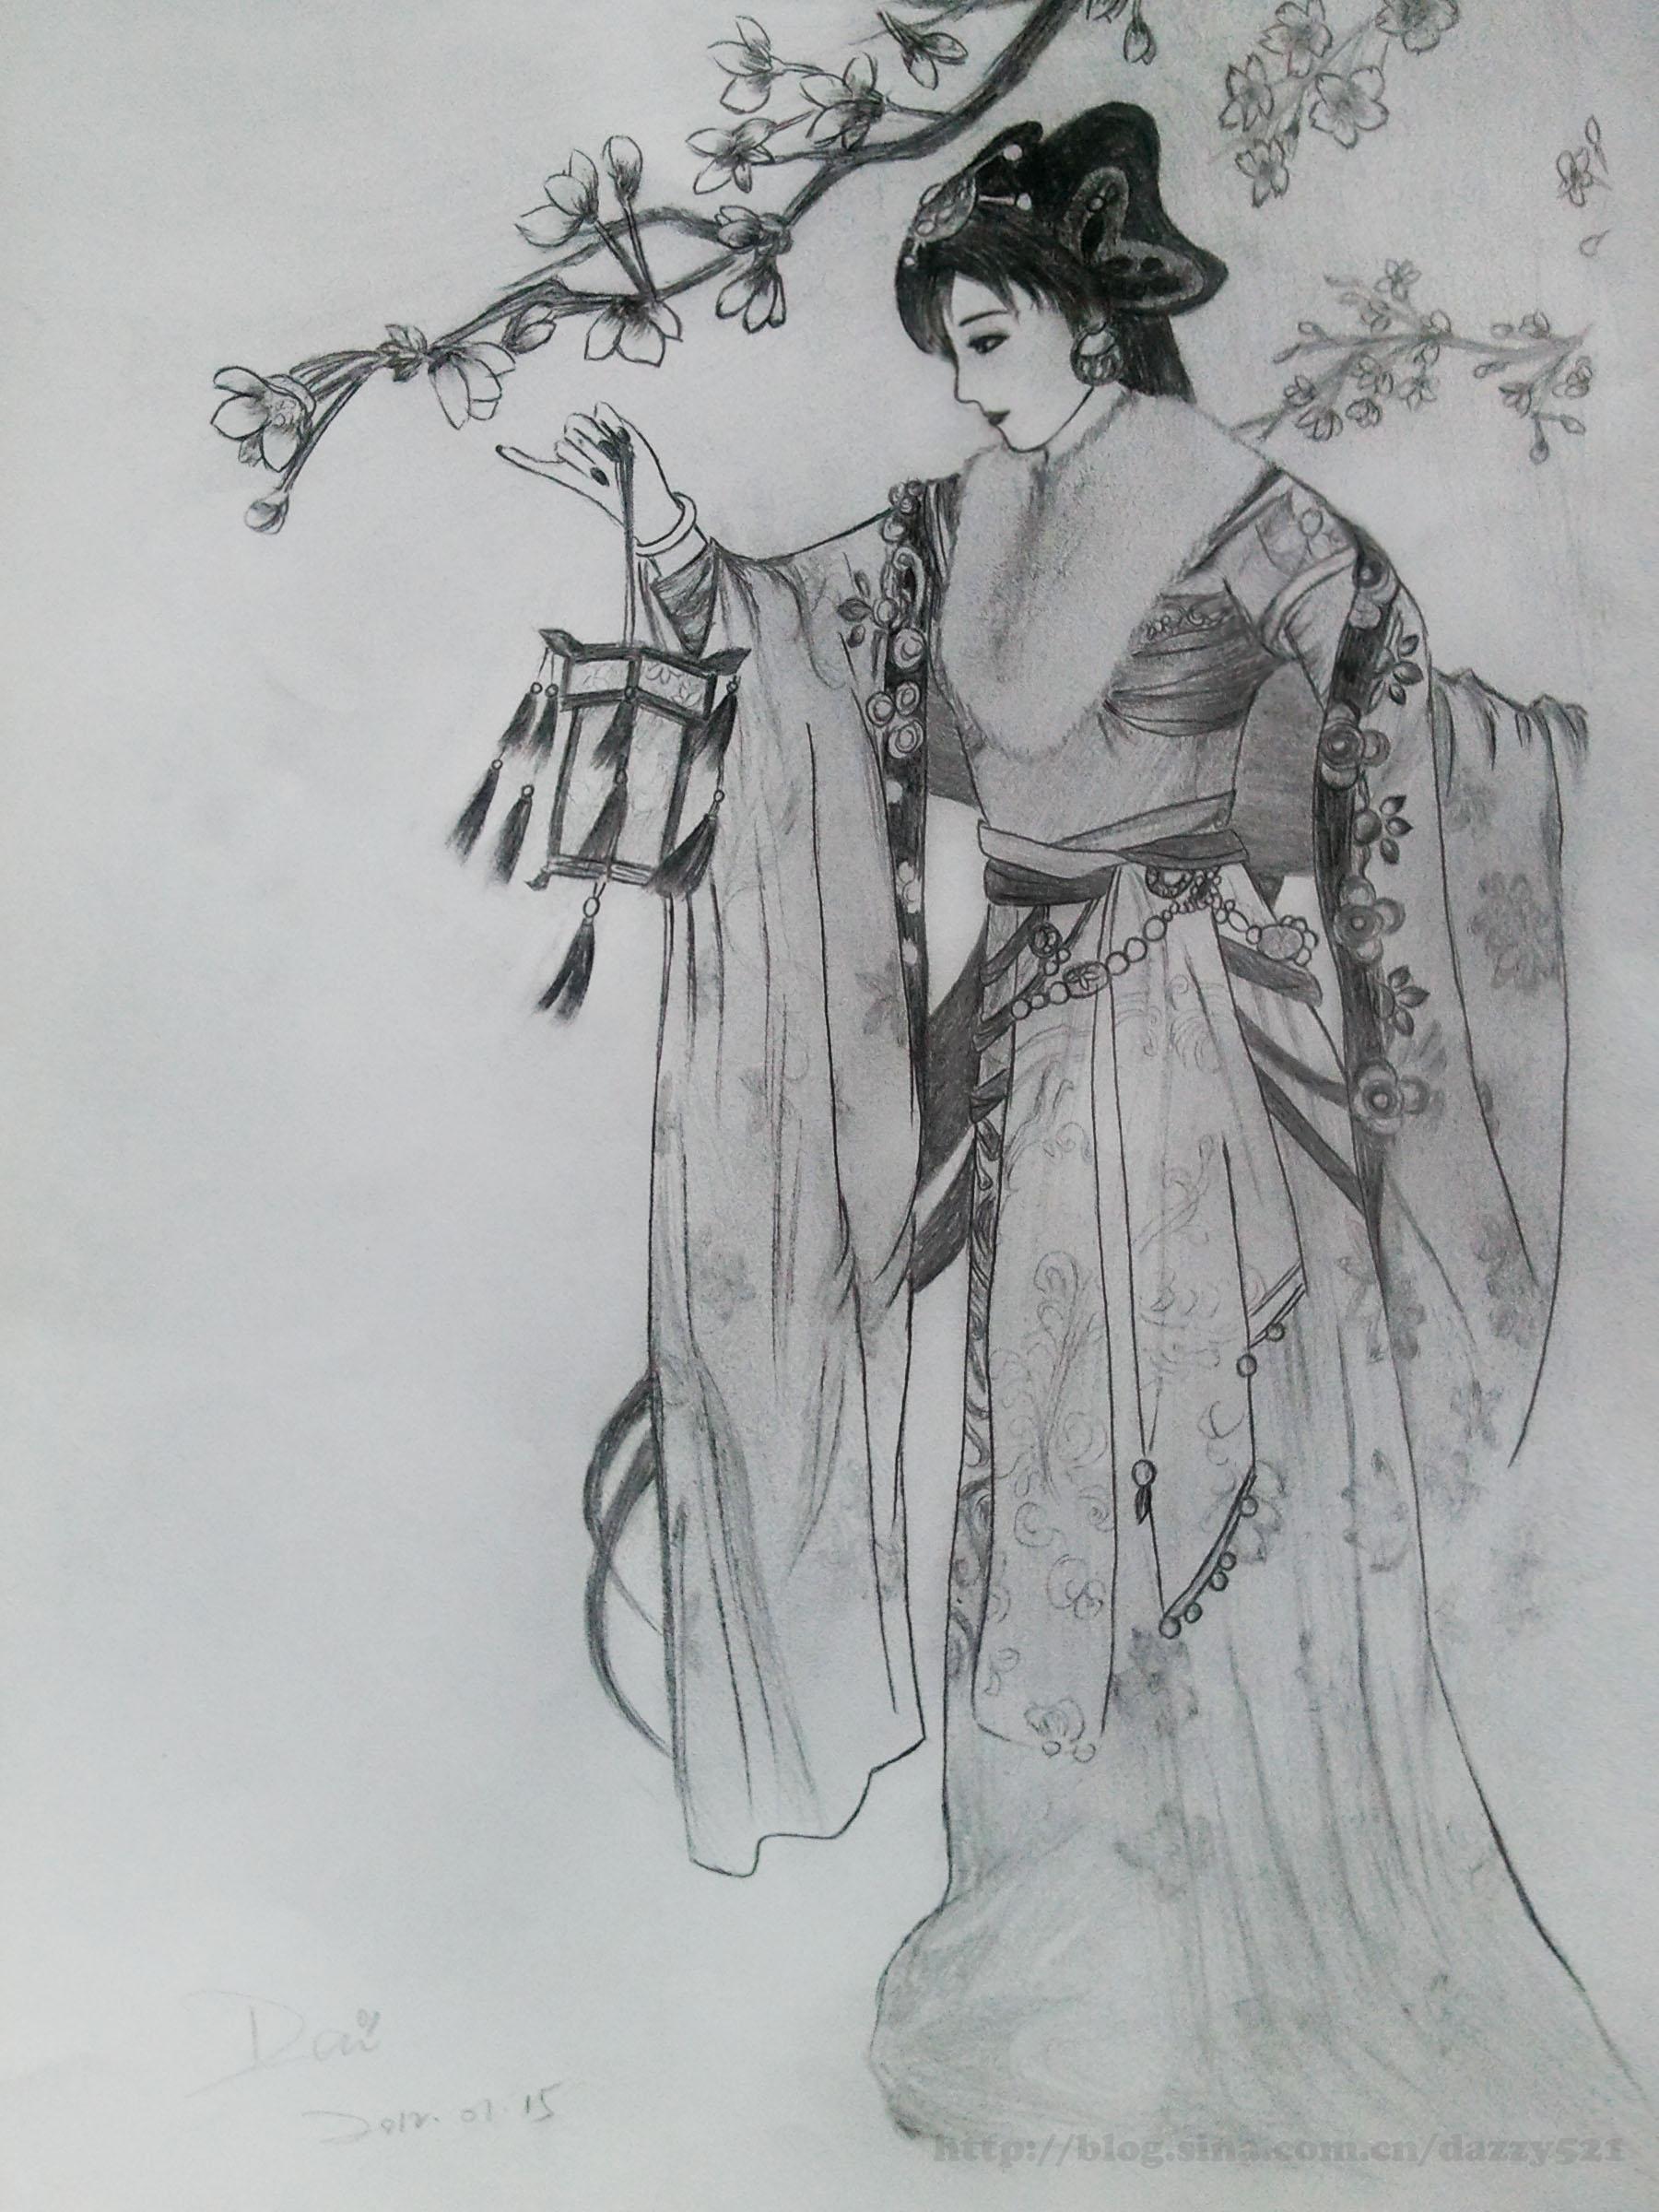 浪迹天涯--黑白古装手绘图片